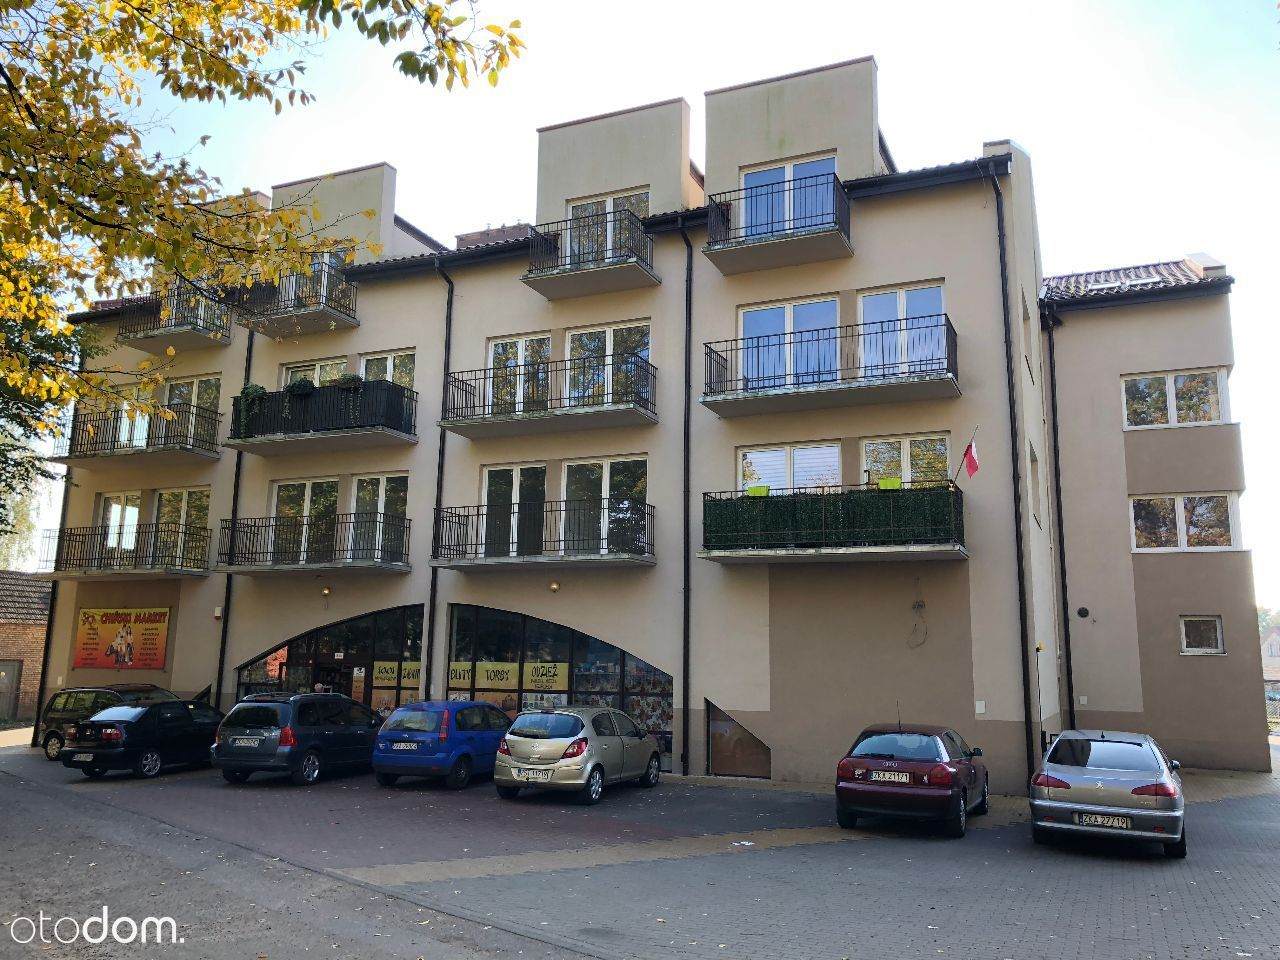 2 Pokoje Mieszkanie Na Sprzedaż Kamień Pomorski Kamieński Zachodniopomorskie 56330876 Wwwotodompl